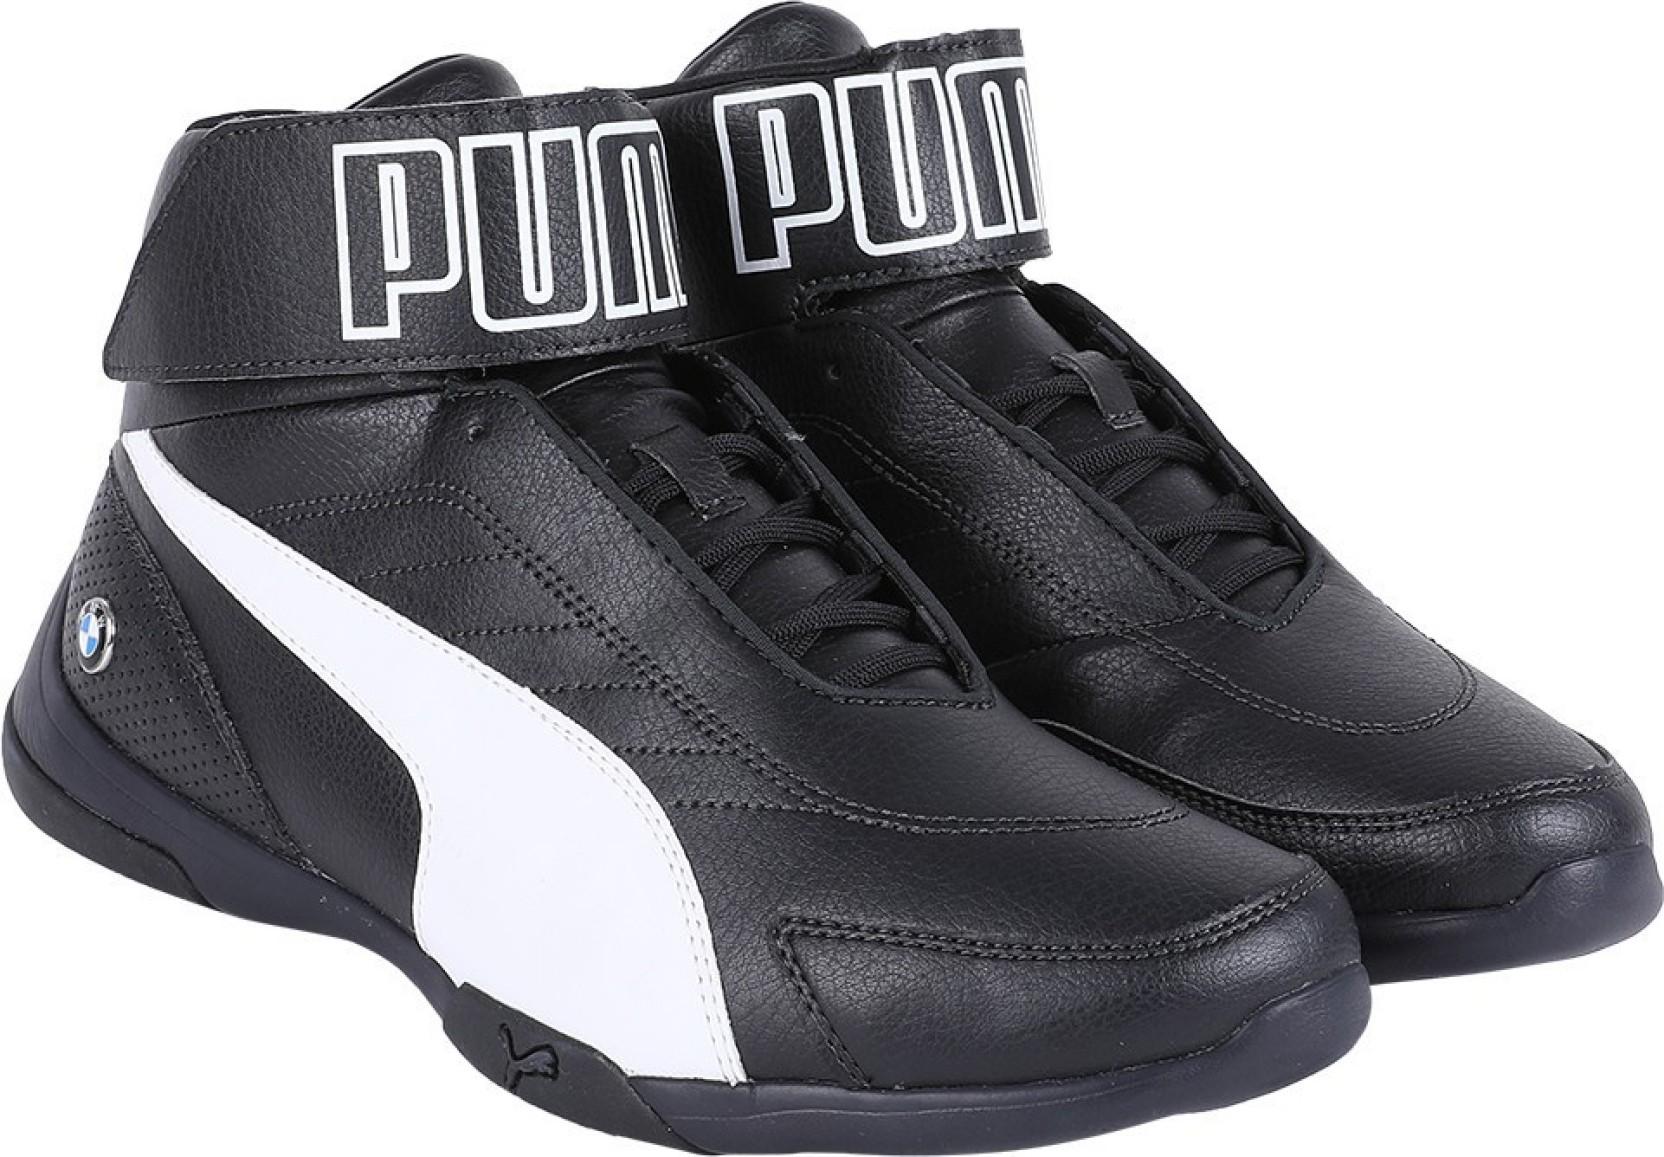 77f996f3e409 Puma kart cat mid iii sneakers for men buy puma mms jpg 1664x1157 Cat mid  mms